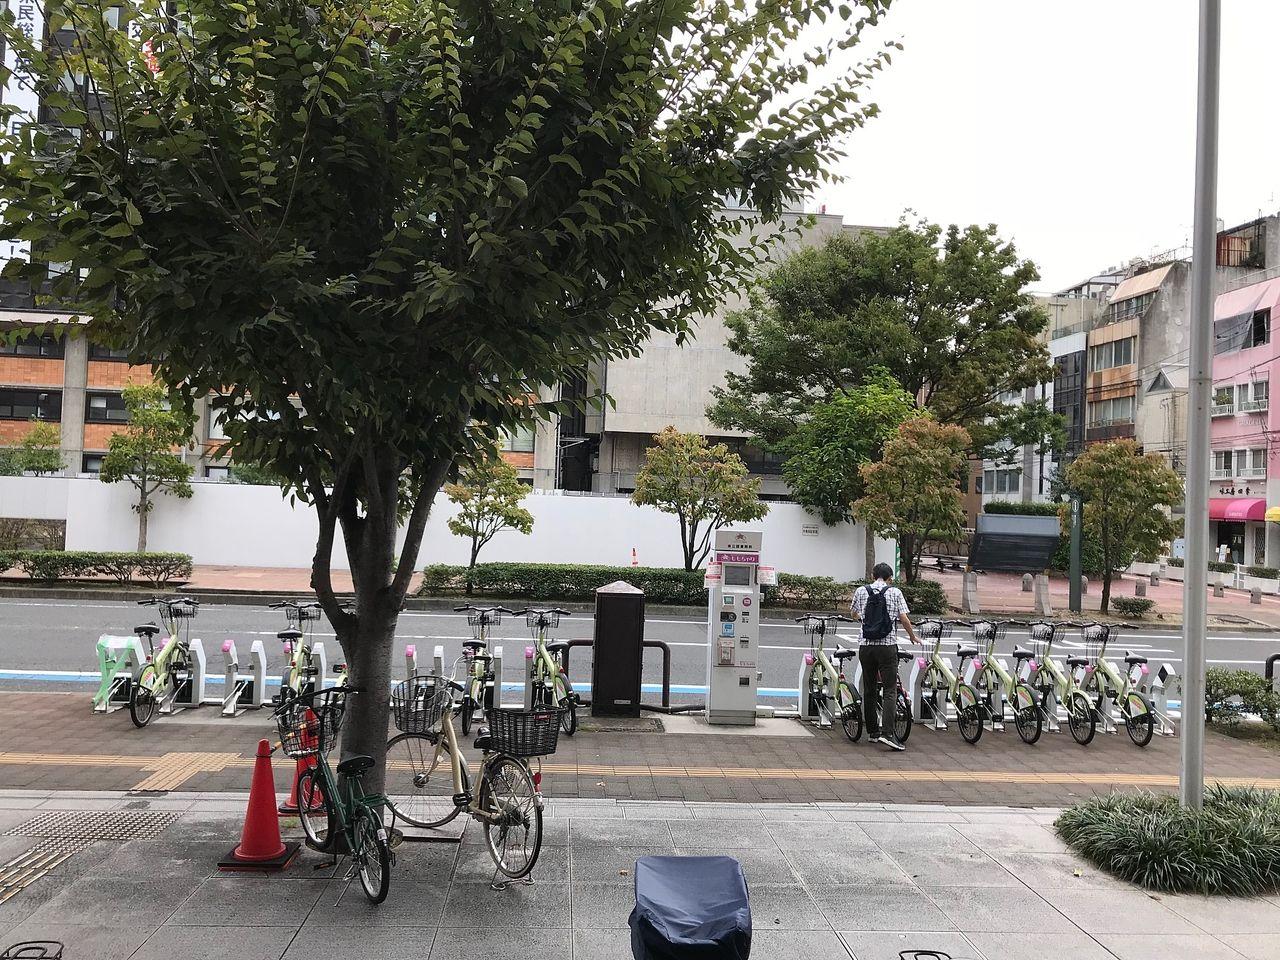 市内をめぐるのに便利なレンタルサイクル、しかもポートが市内の要所にあるので乗り捨てOK!